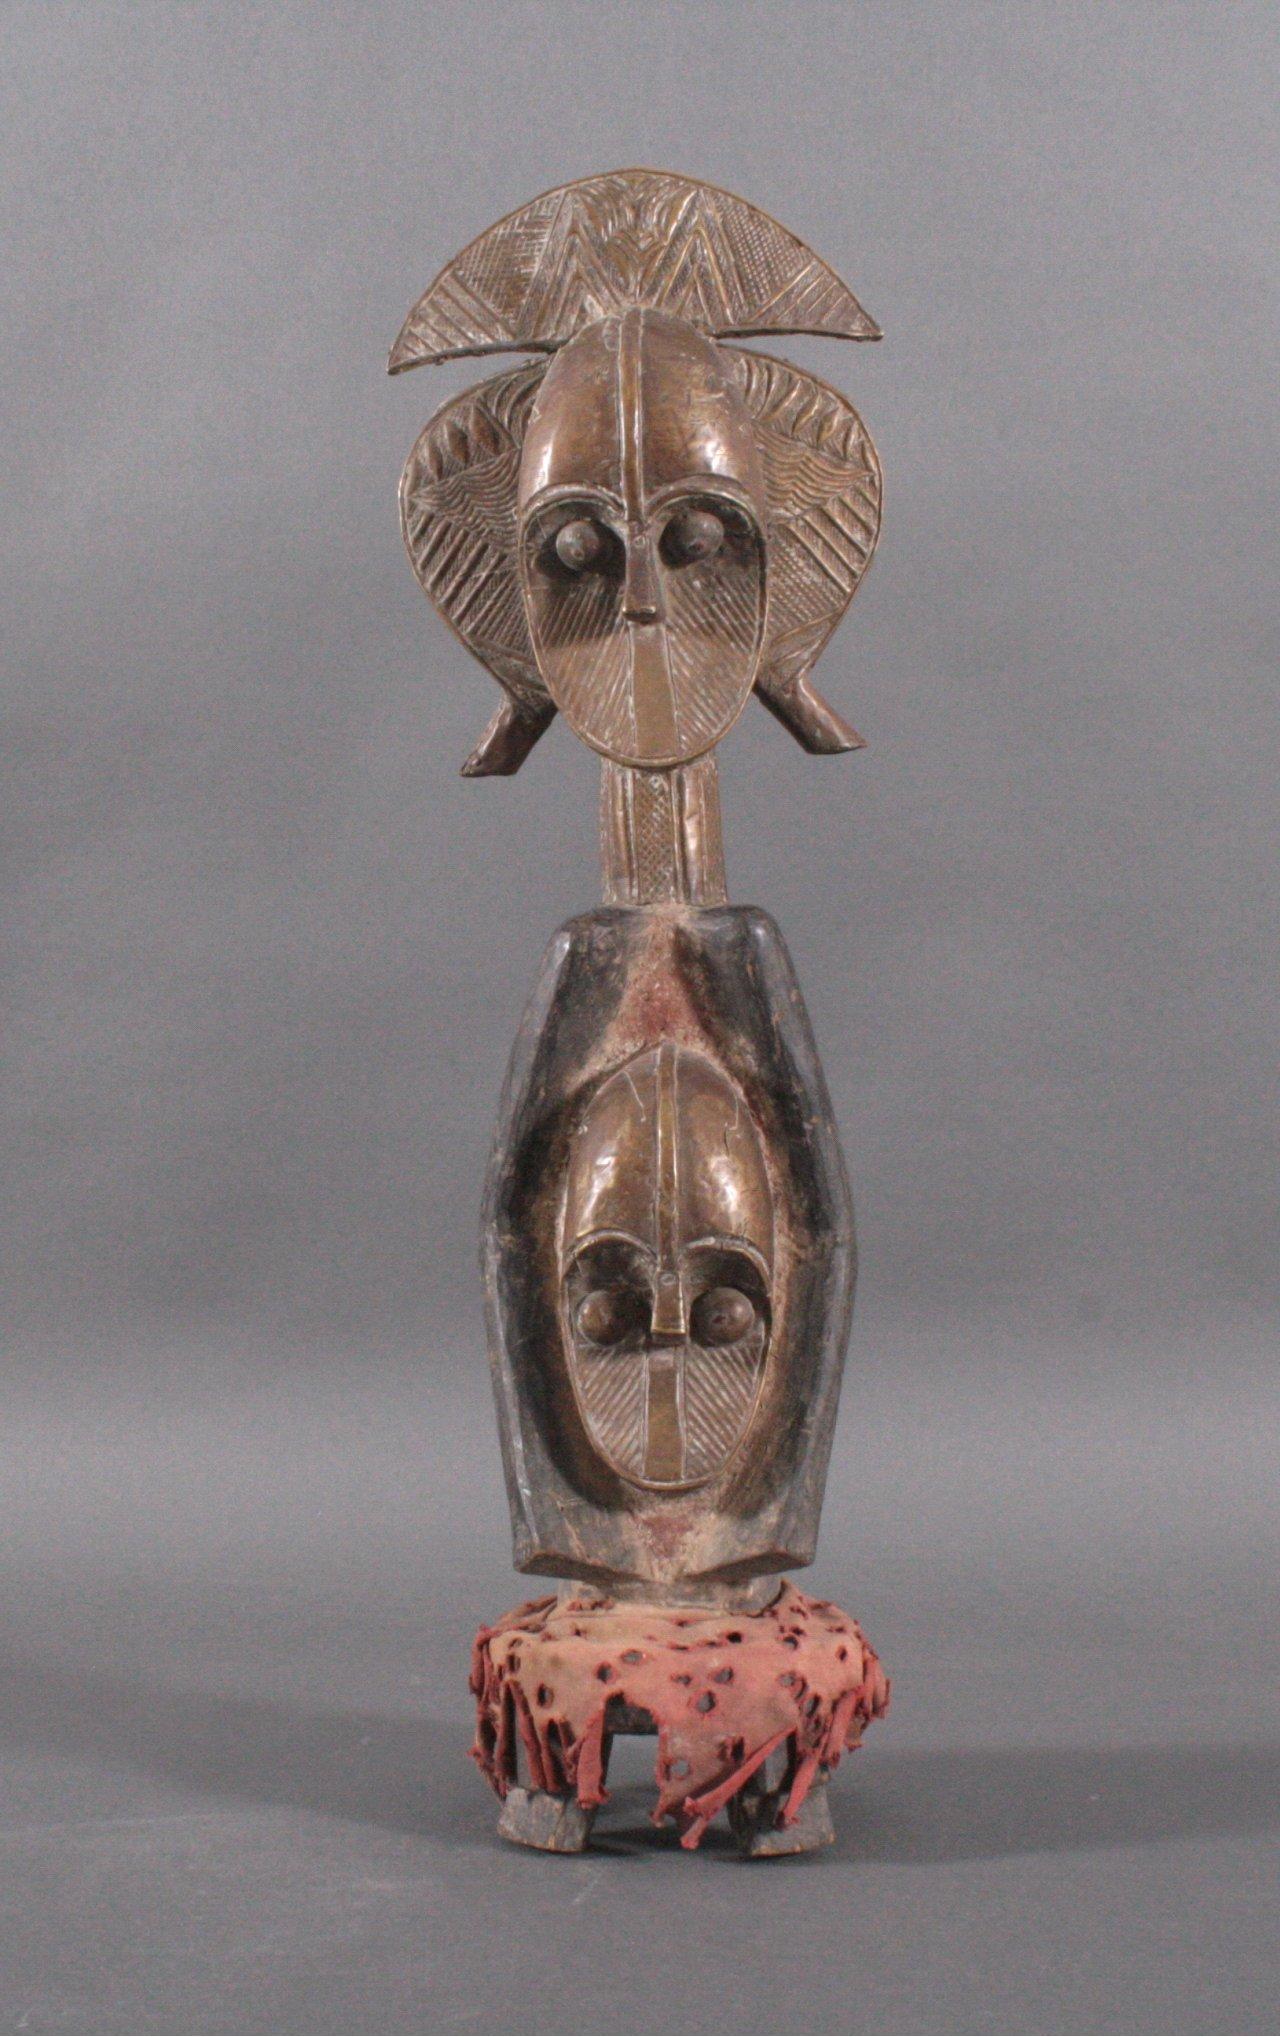 Große Reliquiarfigur, Kota/Kongo,1. Hälfte 20. Jh.